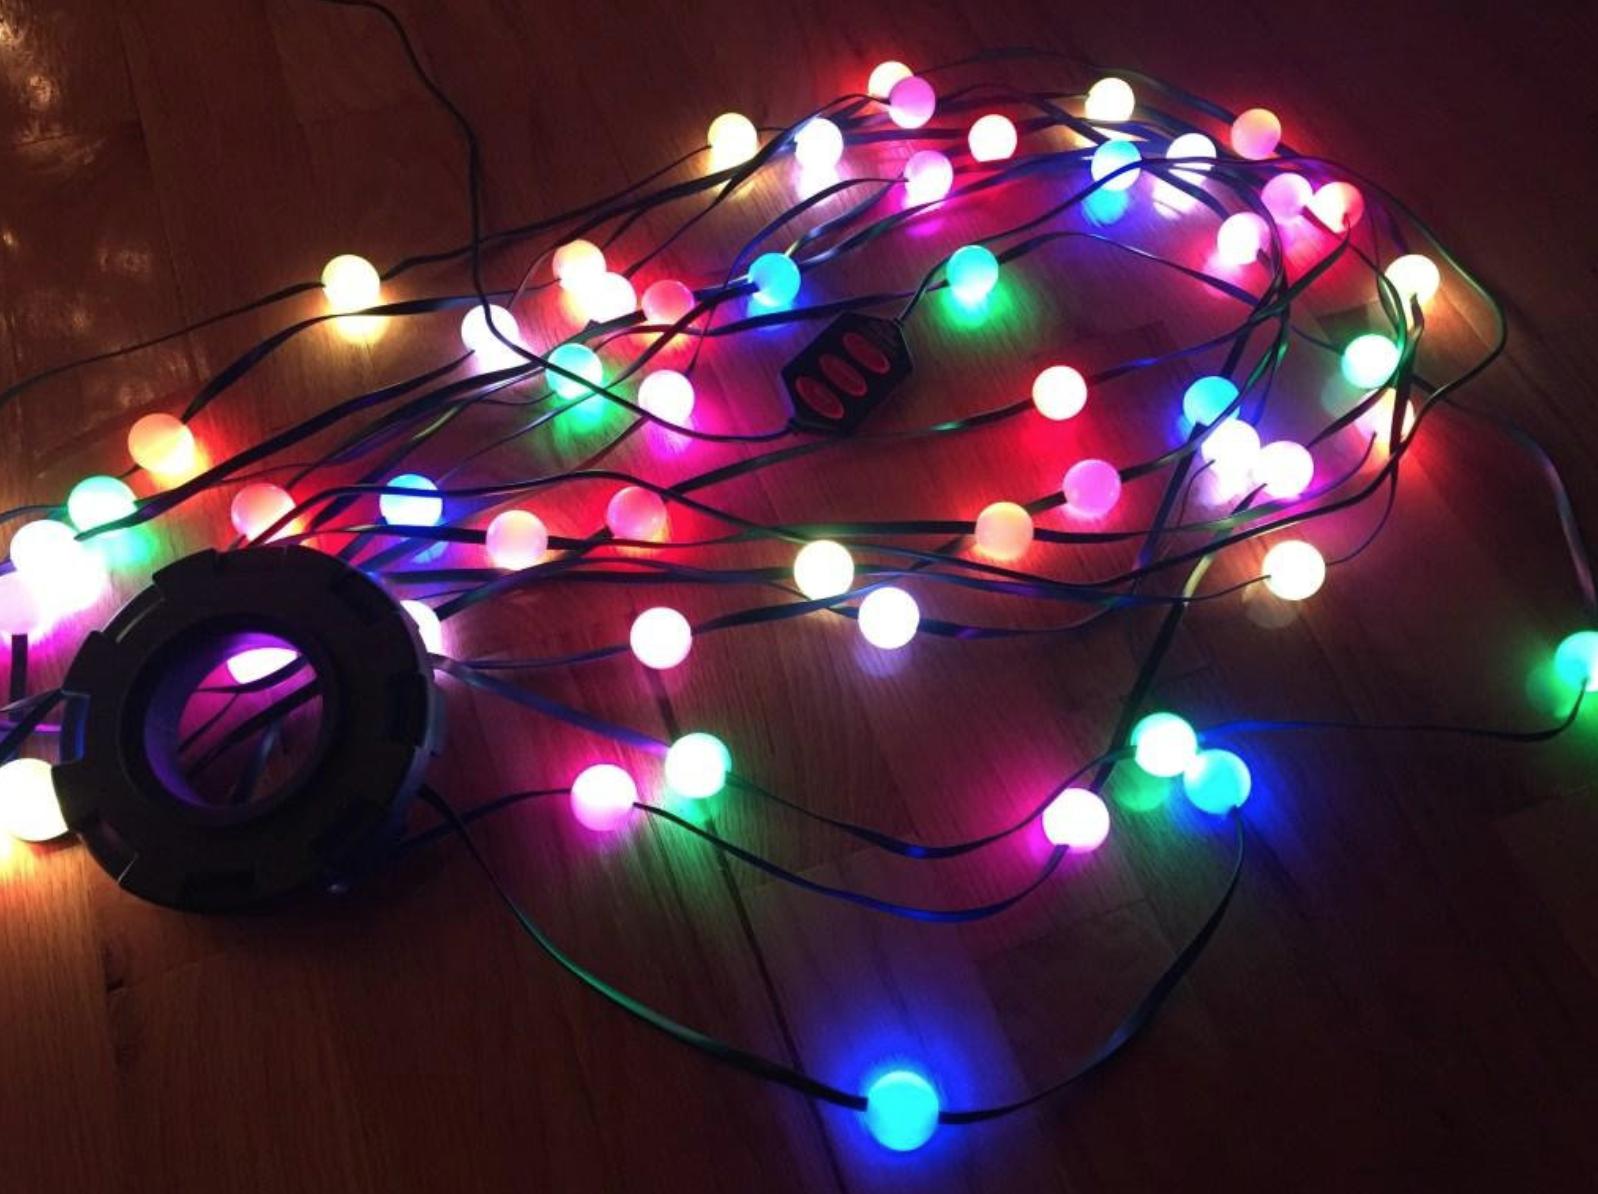 Гирлянды светодиодные уличные: разновидности, советы, какую купить, инструкция по самостоятельному изготовлению